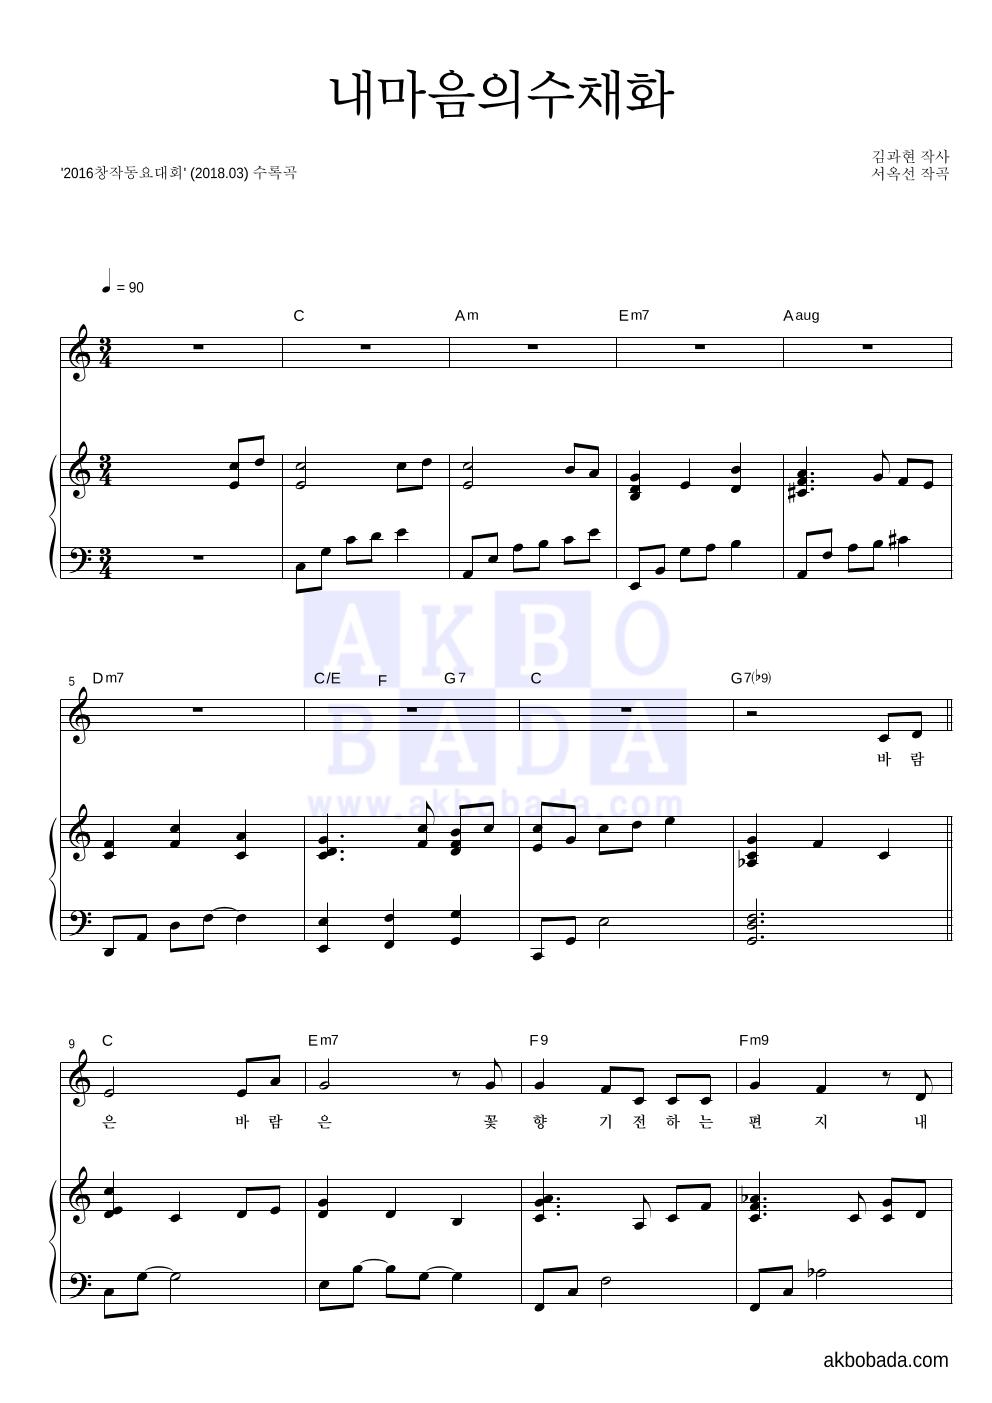 동요 - 내마음의수채화 피아노 3단 악보